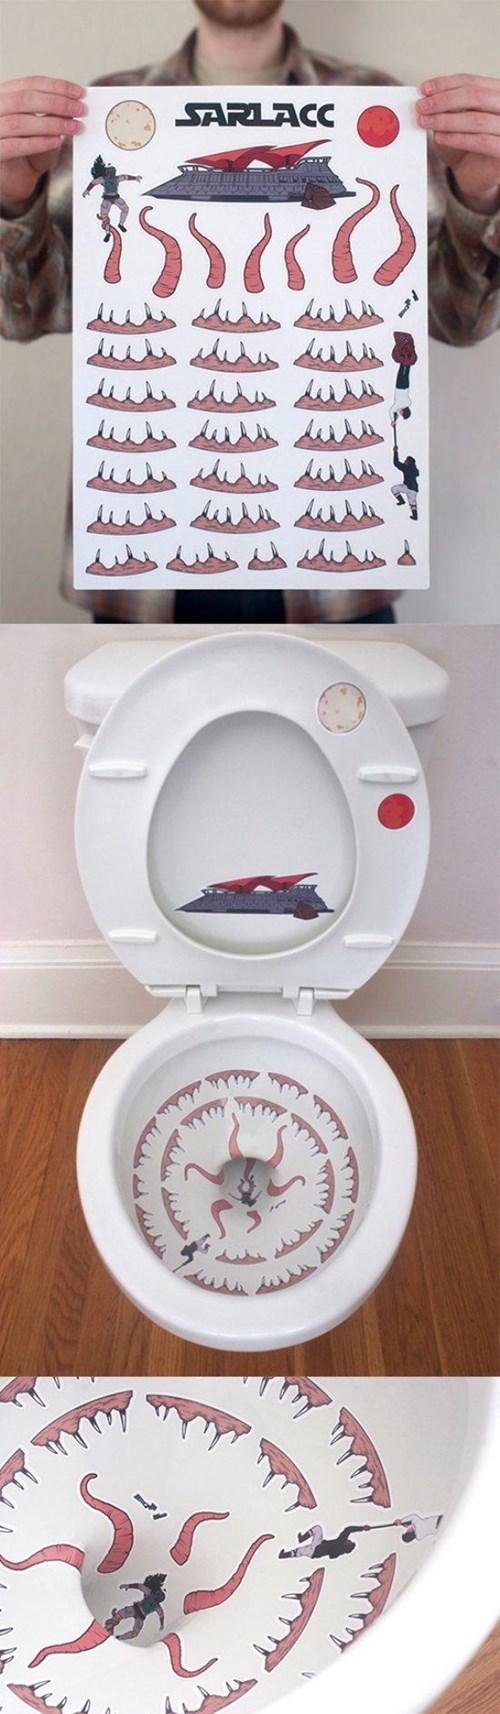 star wars starlacc toilets - 8162619136